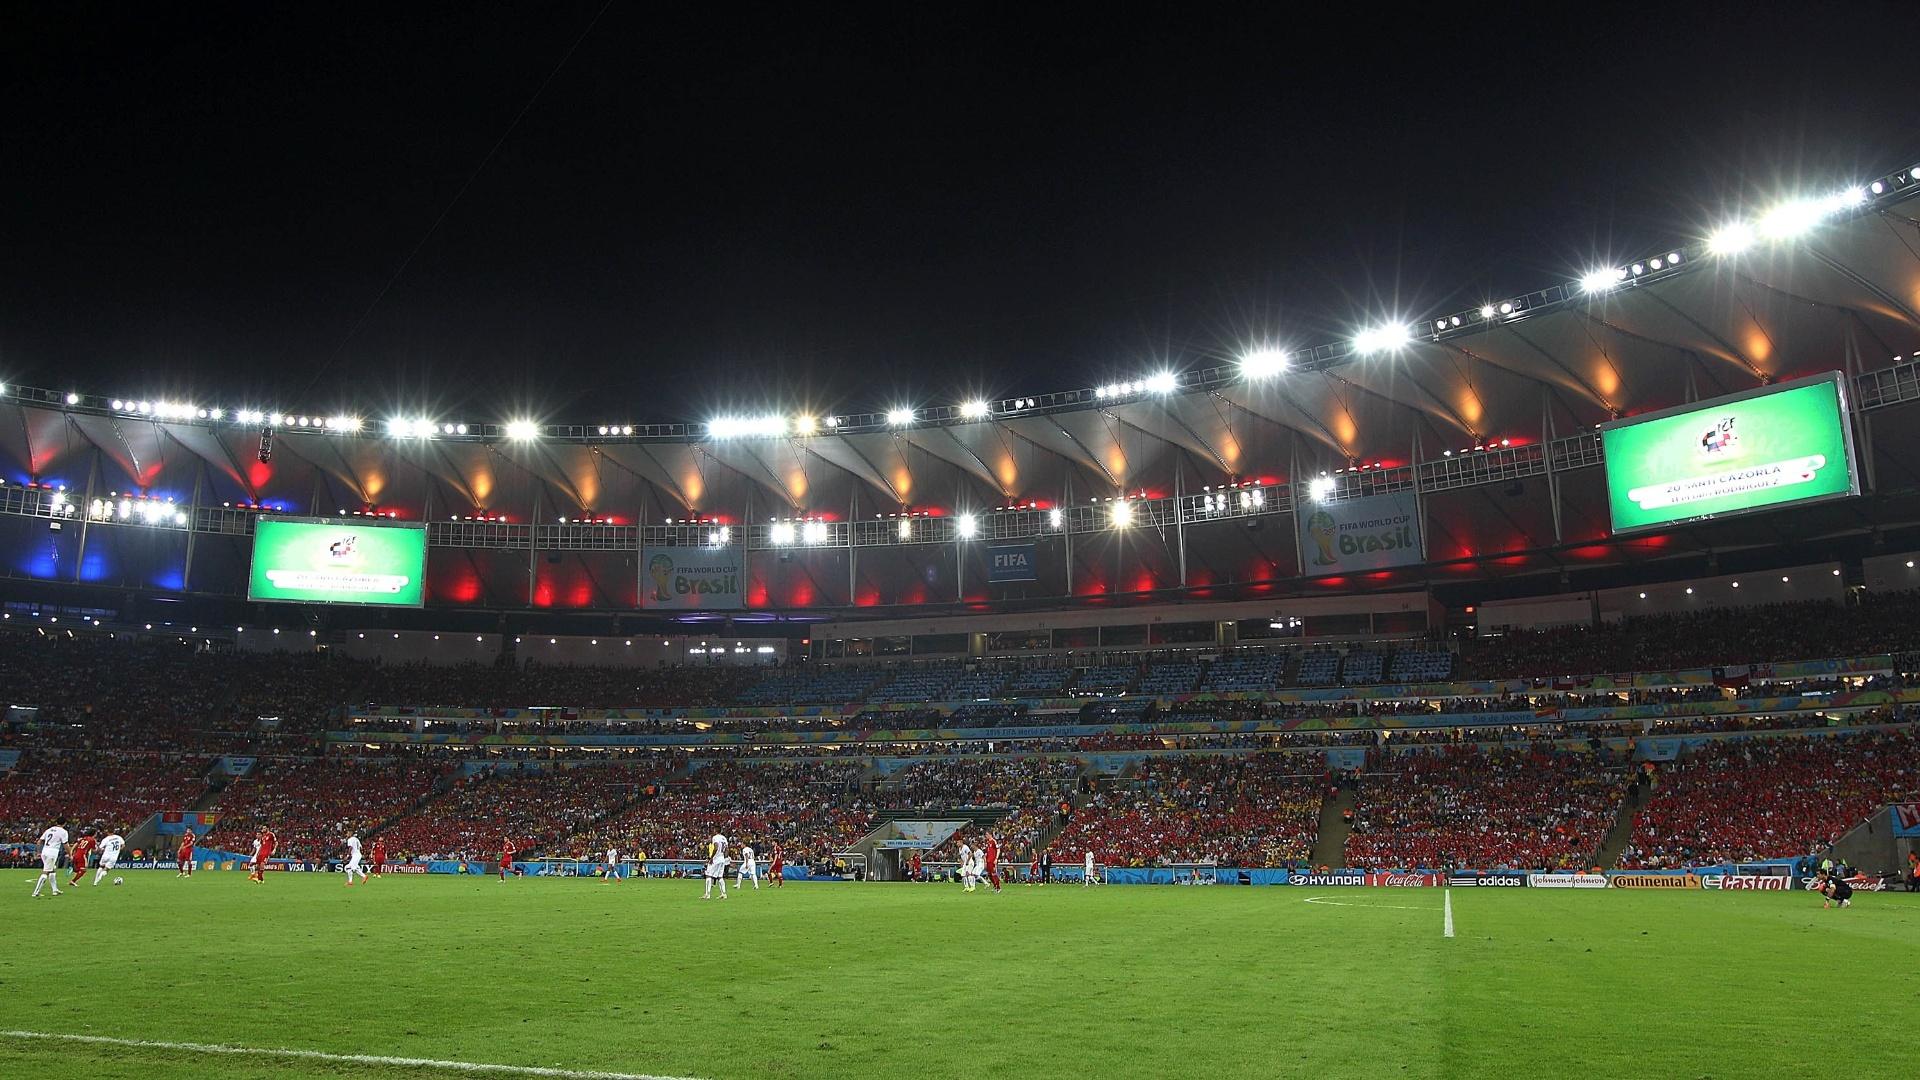 O estádio do Maracanã foi palco da vitória chilena sobre a Espanha por 2 a 0, resultado que eliminou os atuais campeões mundiais da Copa